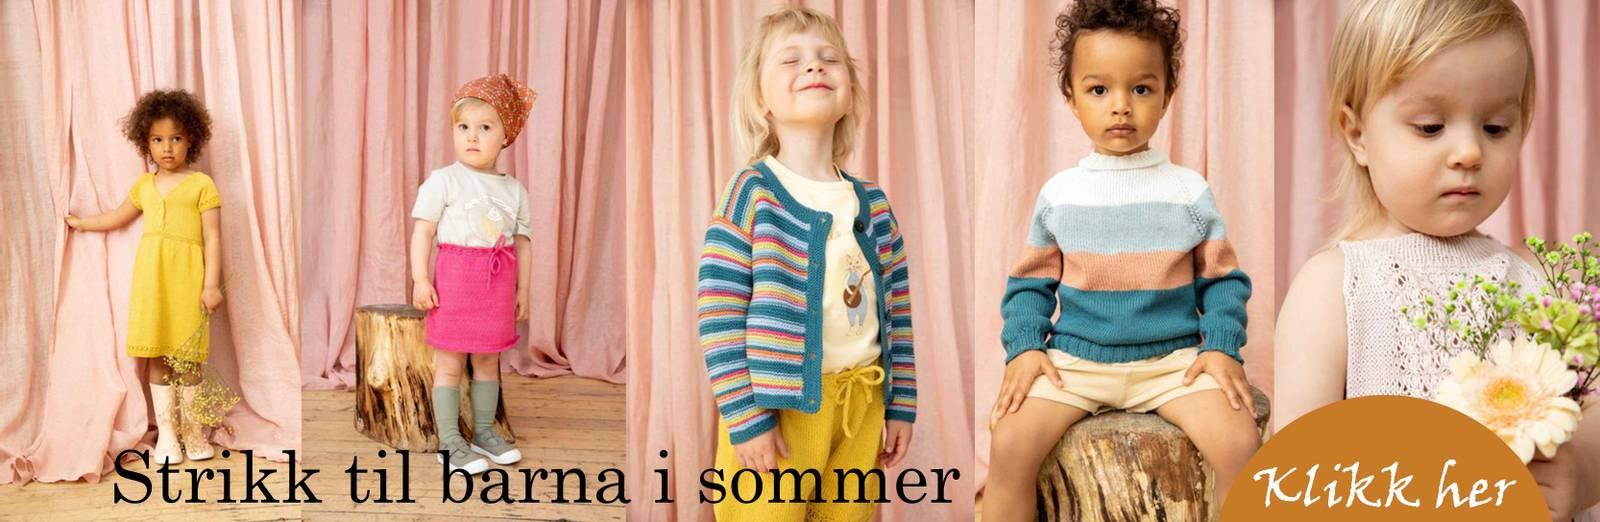 Sommer strikk fra Raum garn i plum og pelini  dame og barn